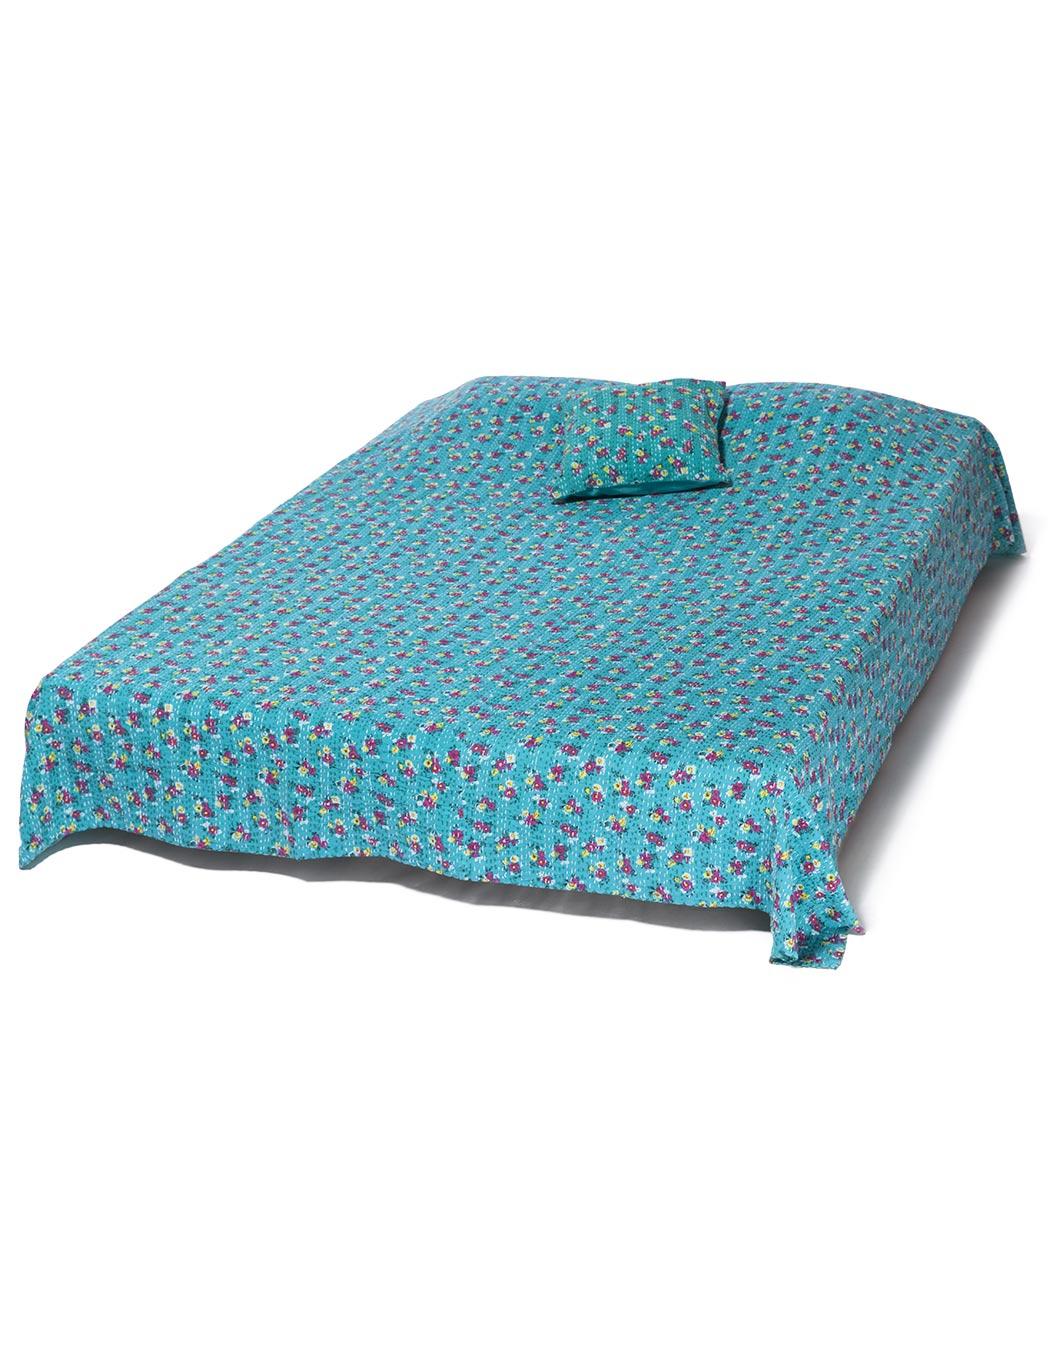 Jeté de lit surpiqué en coton aqua 140 x 230